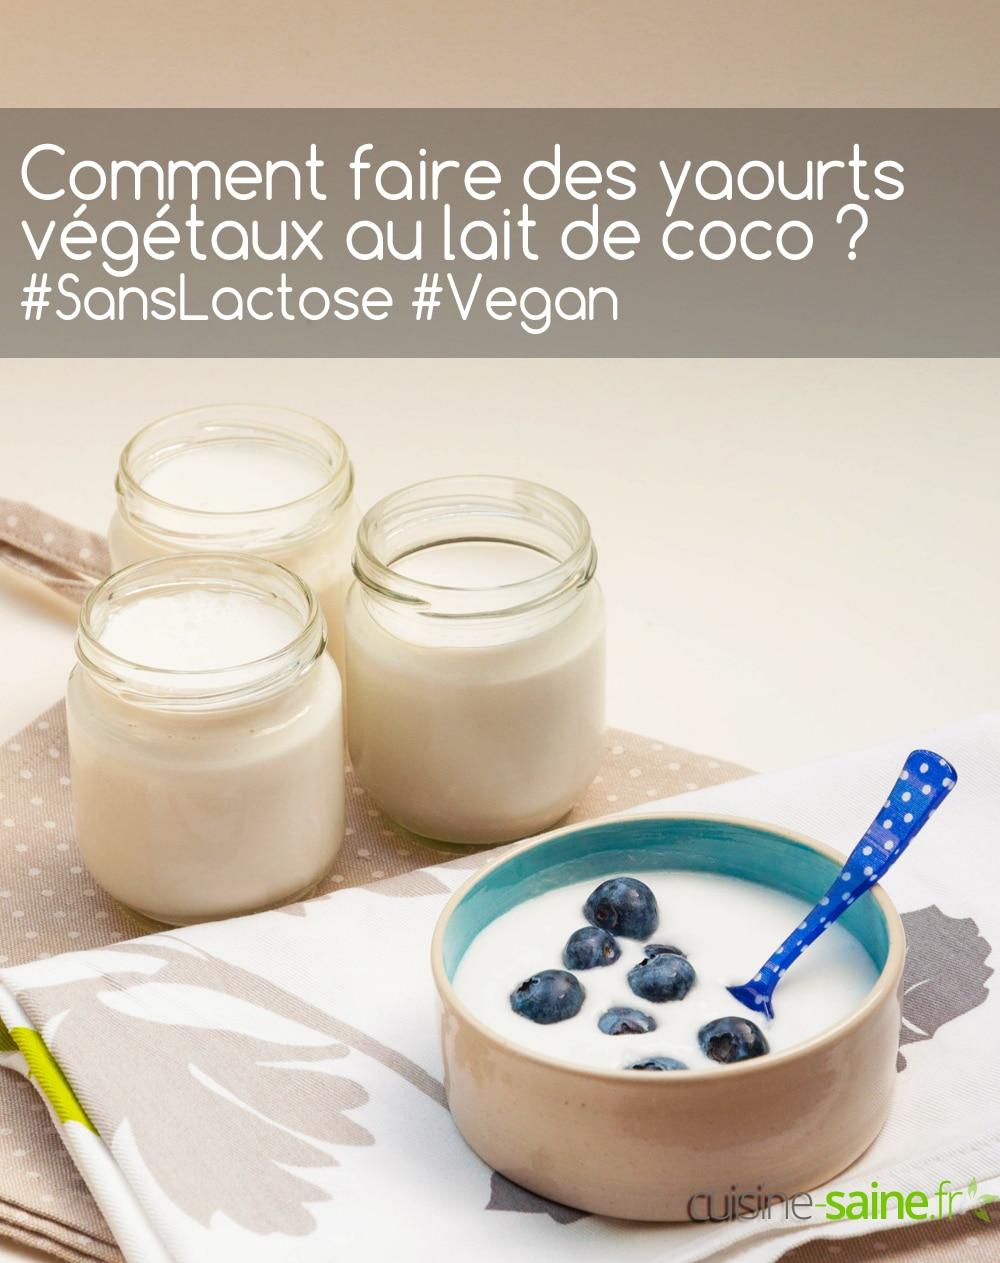 Comment faire un yaourt végétal au lait de coco vegan sans lactose ?